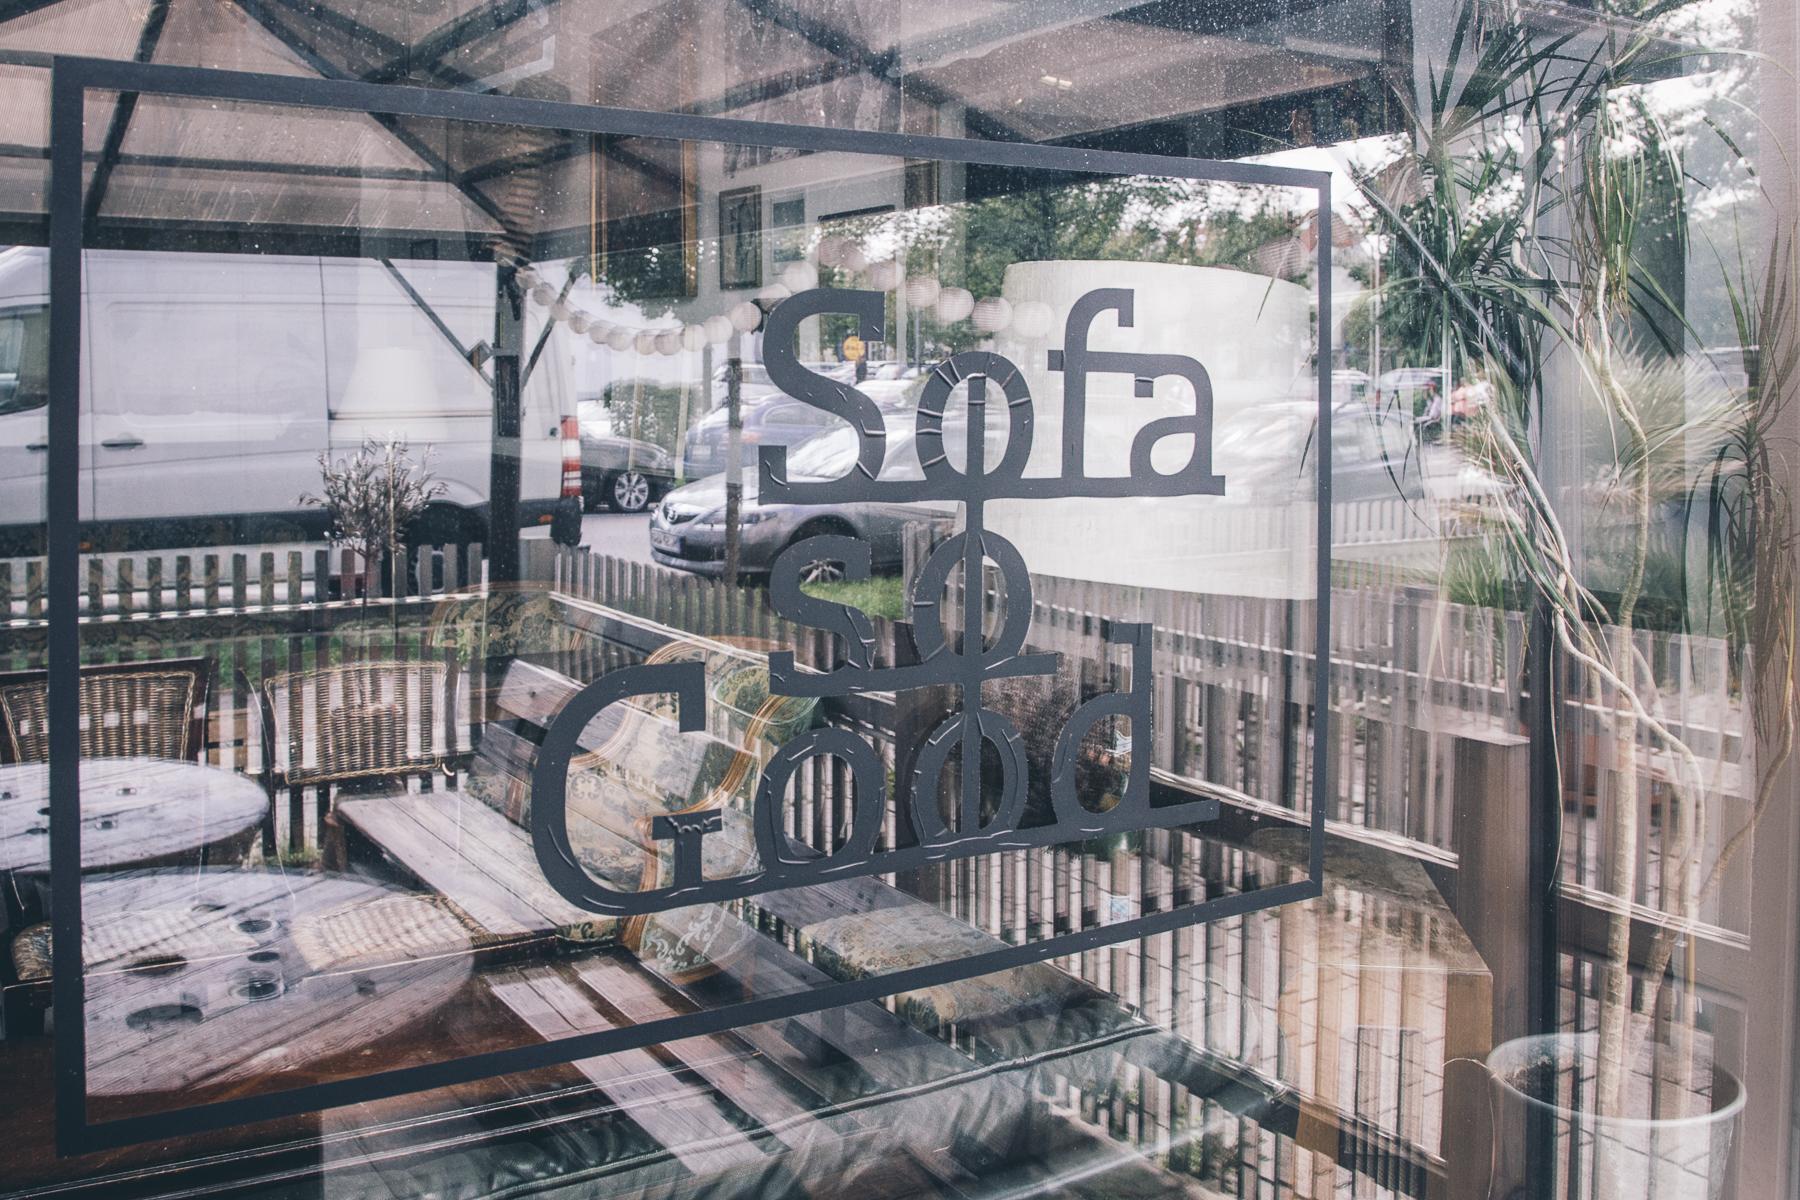 Full Size of Sofa München So Good Bar Home Is Your Friend Geheimtipp Mnchen Dauerschläfer Sofort Lieferbar Antikes Bezug Ecksofa Schlafsofa Liegefläche 160x200 2er L Sofa Sofa München